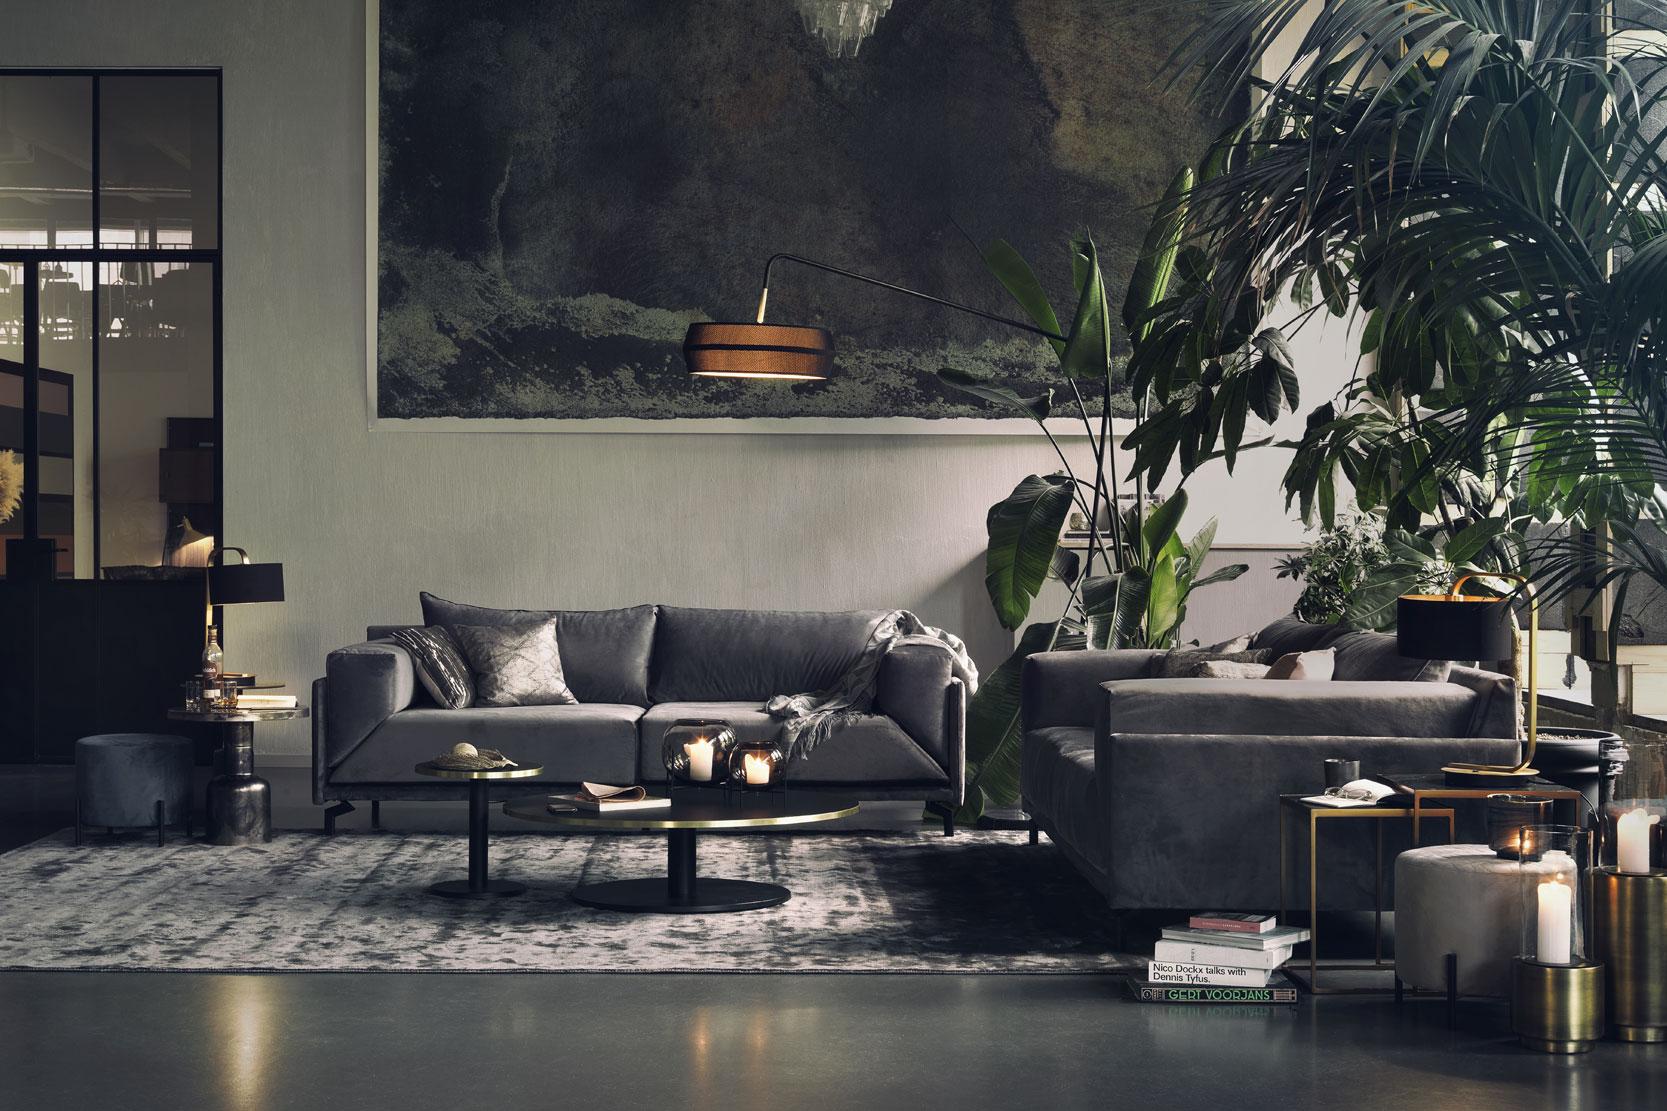 Kubo Deco, mobilier, décoration d'intérieur, Dôme Deco, Morges, Suisse Romande, meubles contemporains